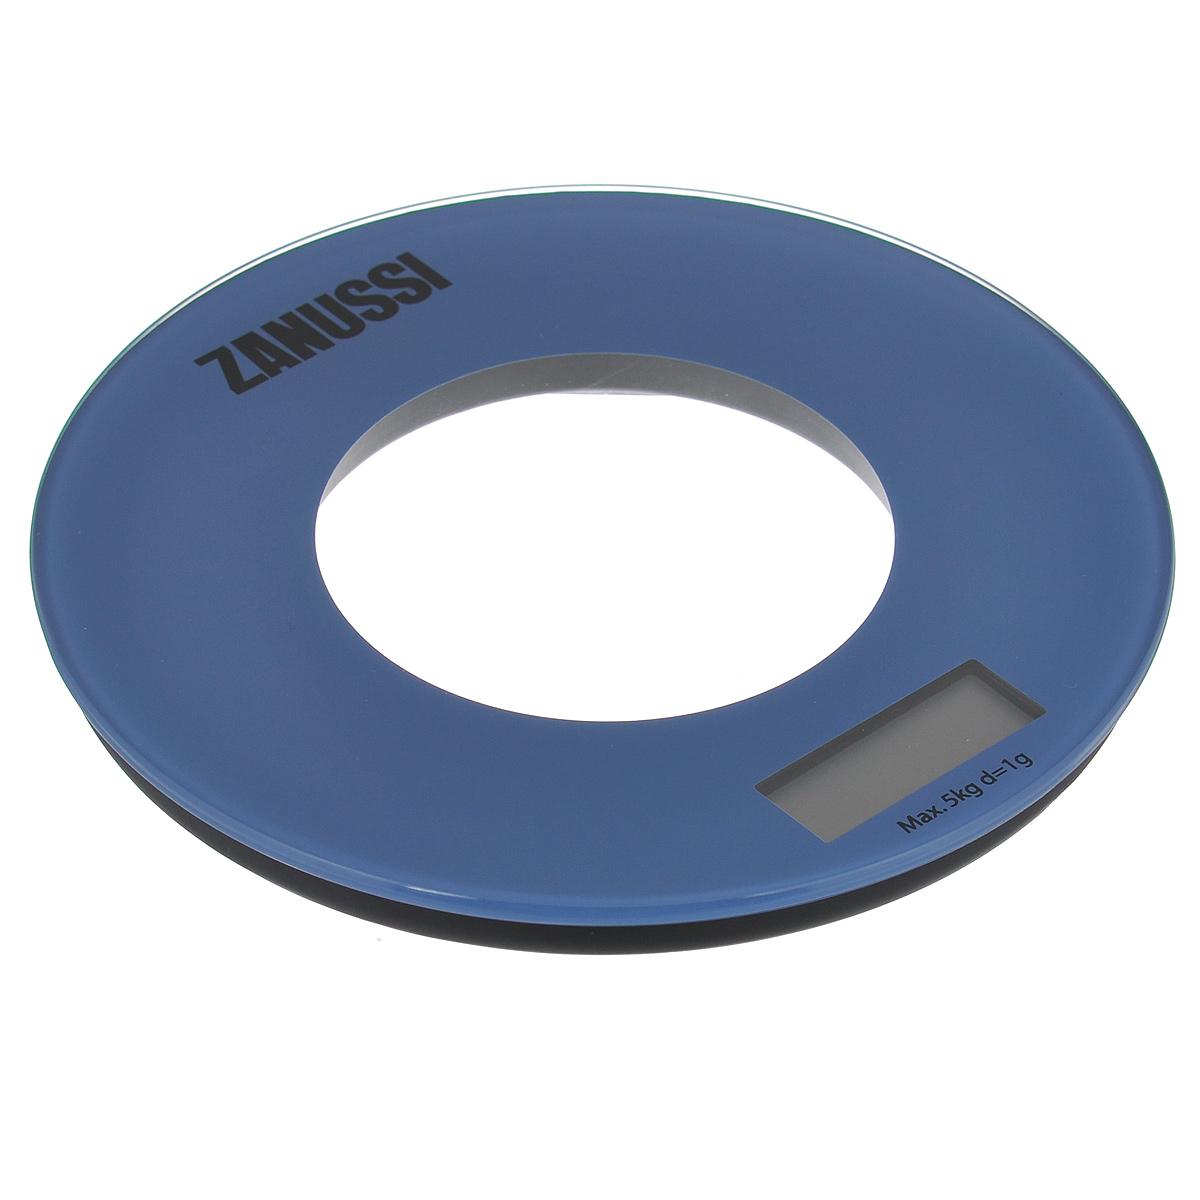 Весы кухонные Zanussi  Bologna , электронные, цвет: синий, до 5 кг - Кухонные весы